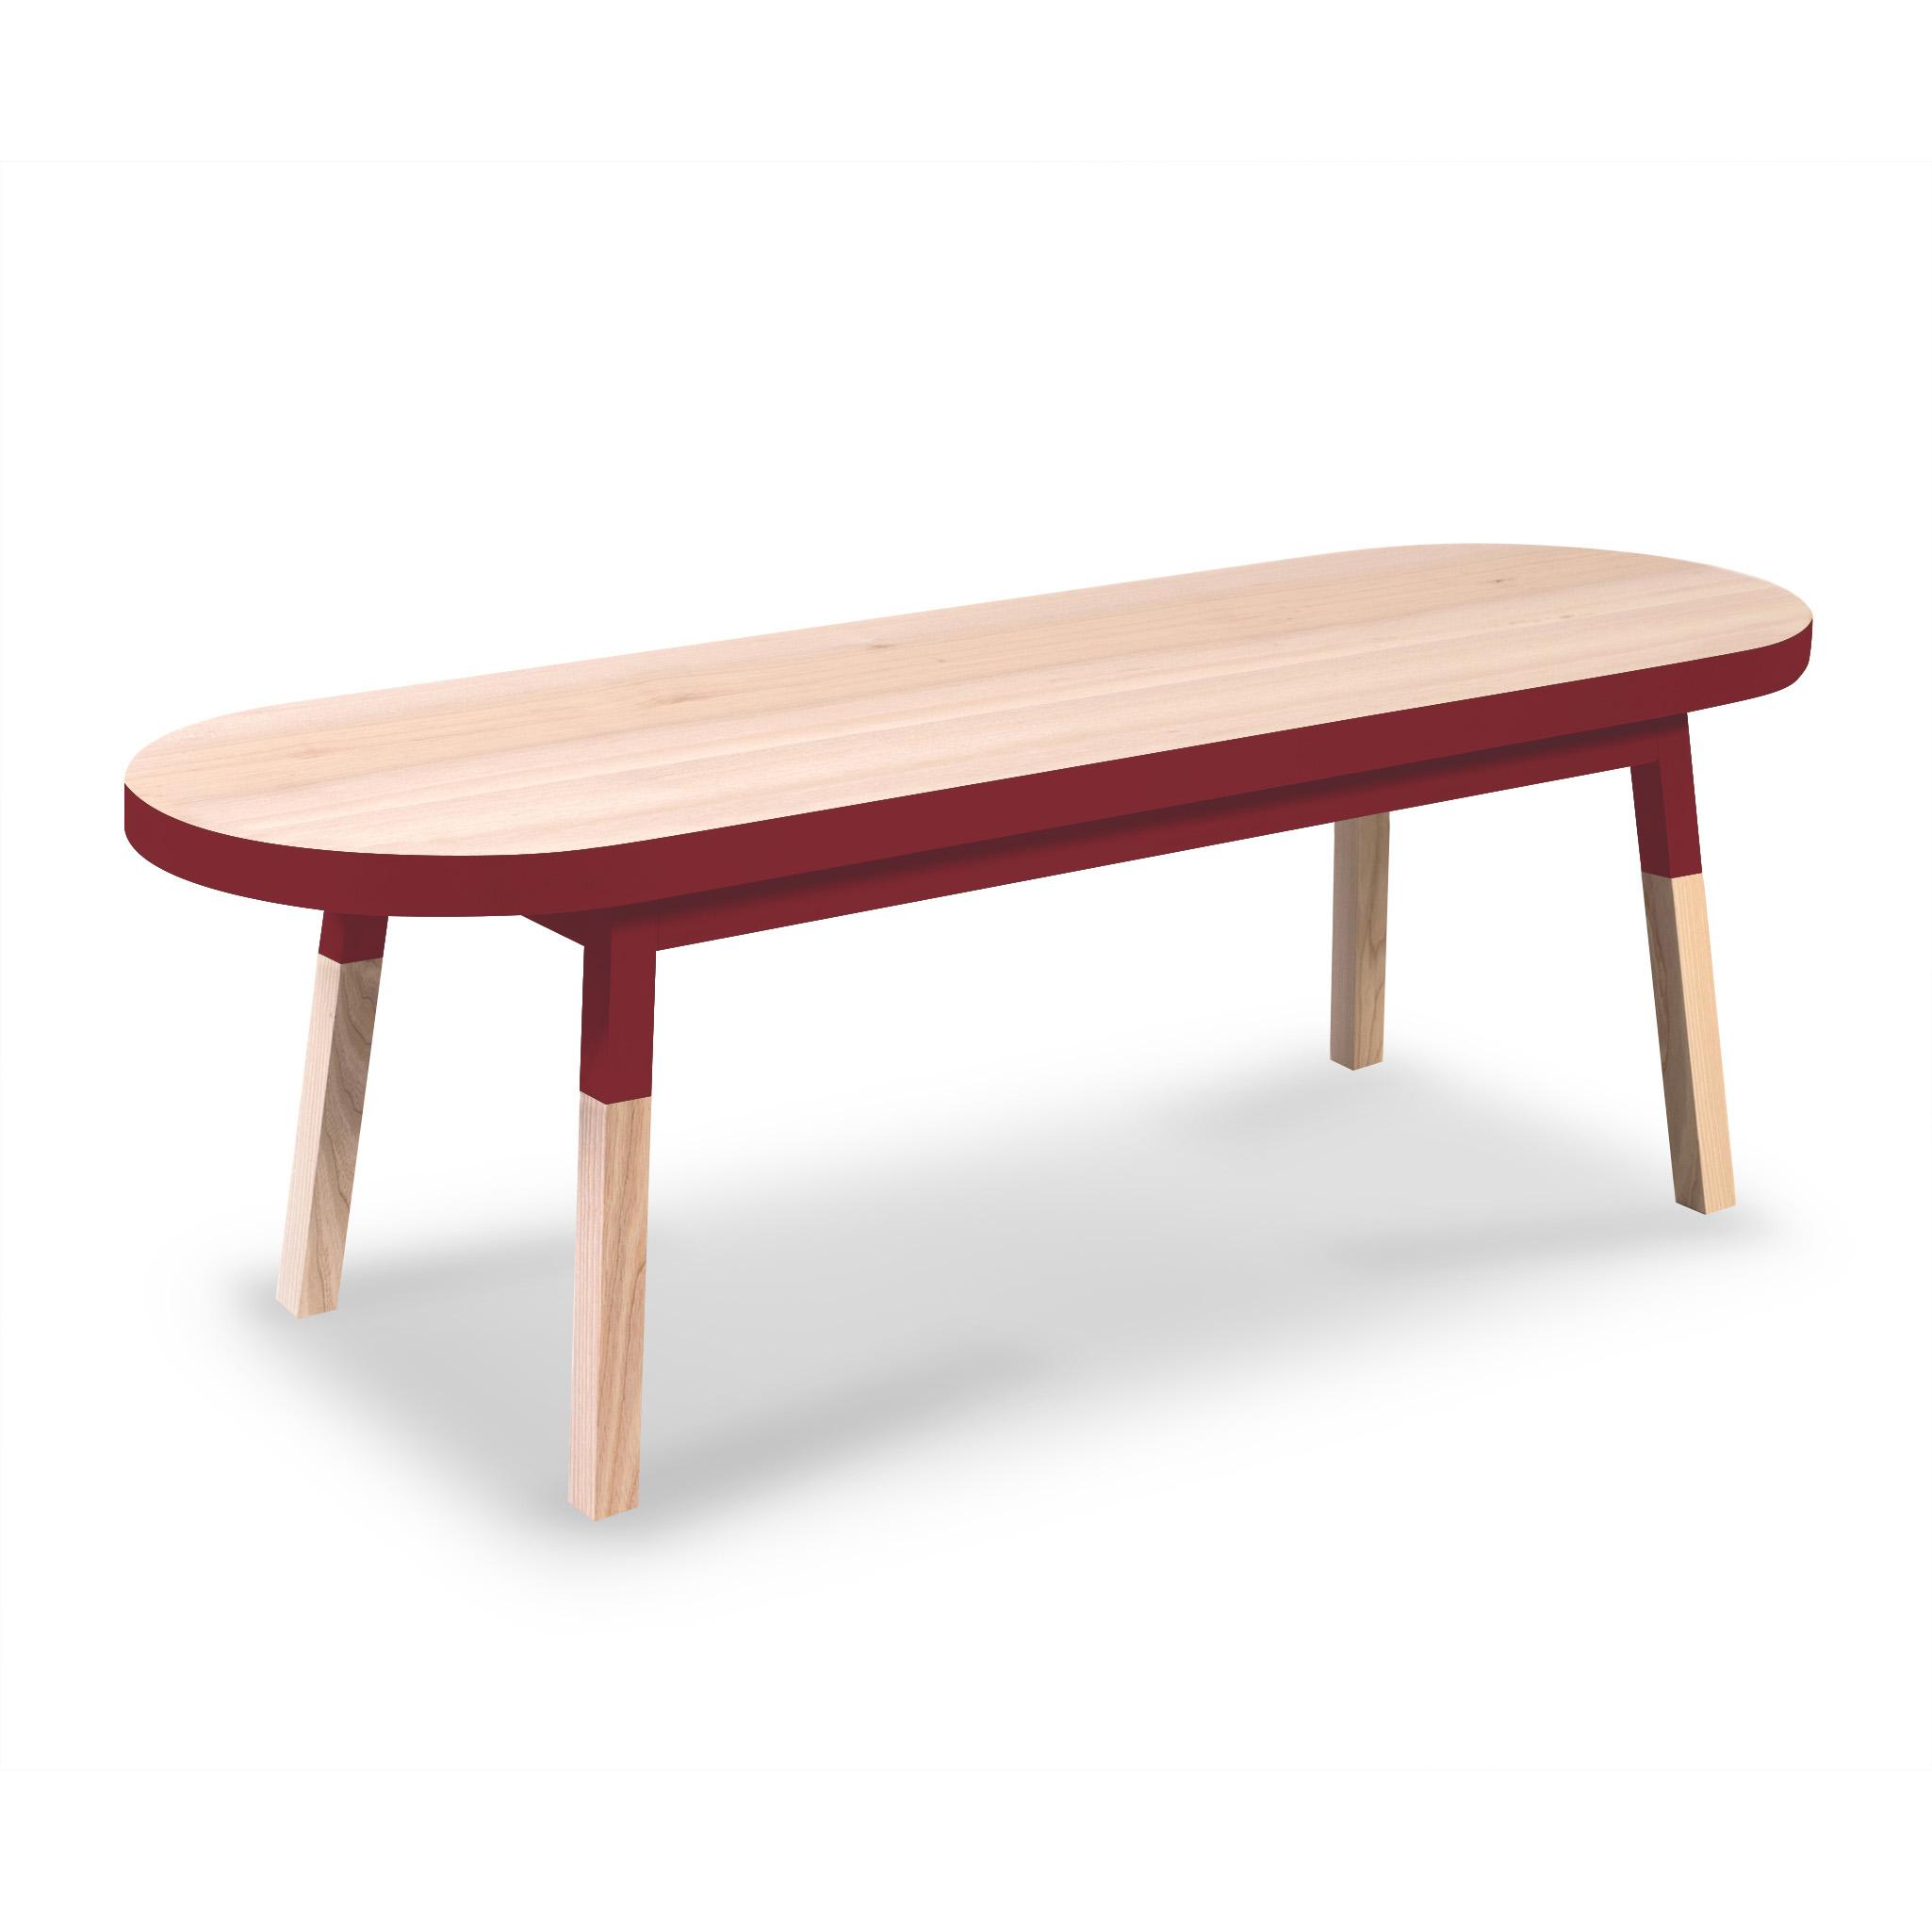 Table basse banc - 140 cm  - rouge de pluduno